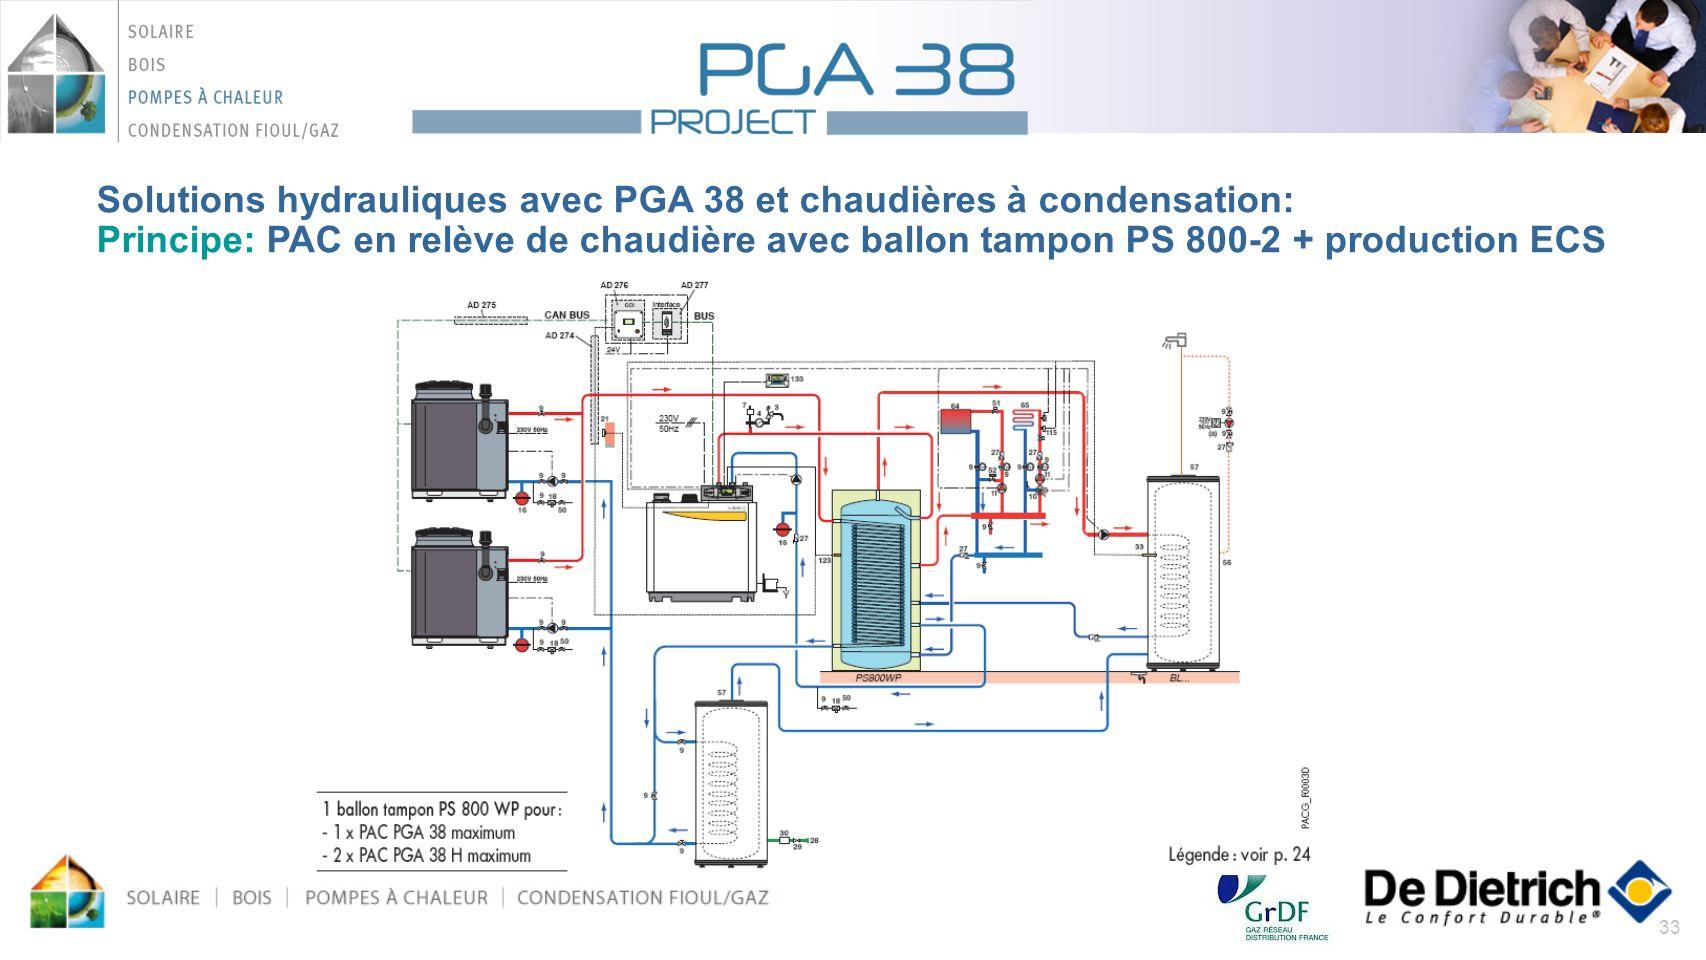 33 Solutions hydrauliques avec PGA 38 et chaudières à condensation: Principe: PAC en relève de chaudière avec ballon tampon PS 800-2 + production ECS